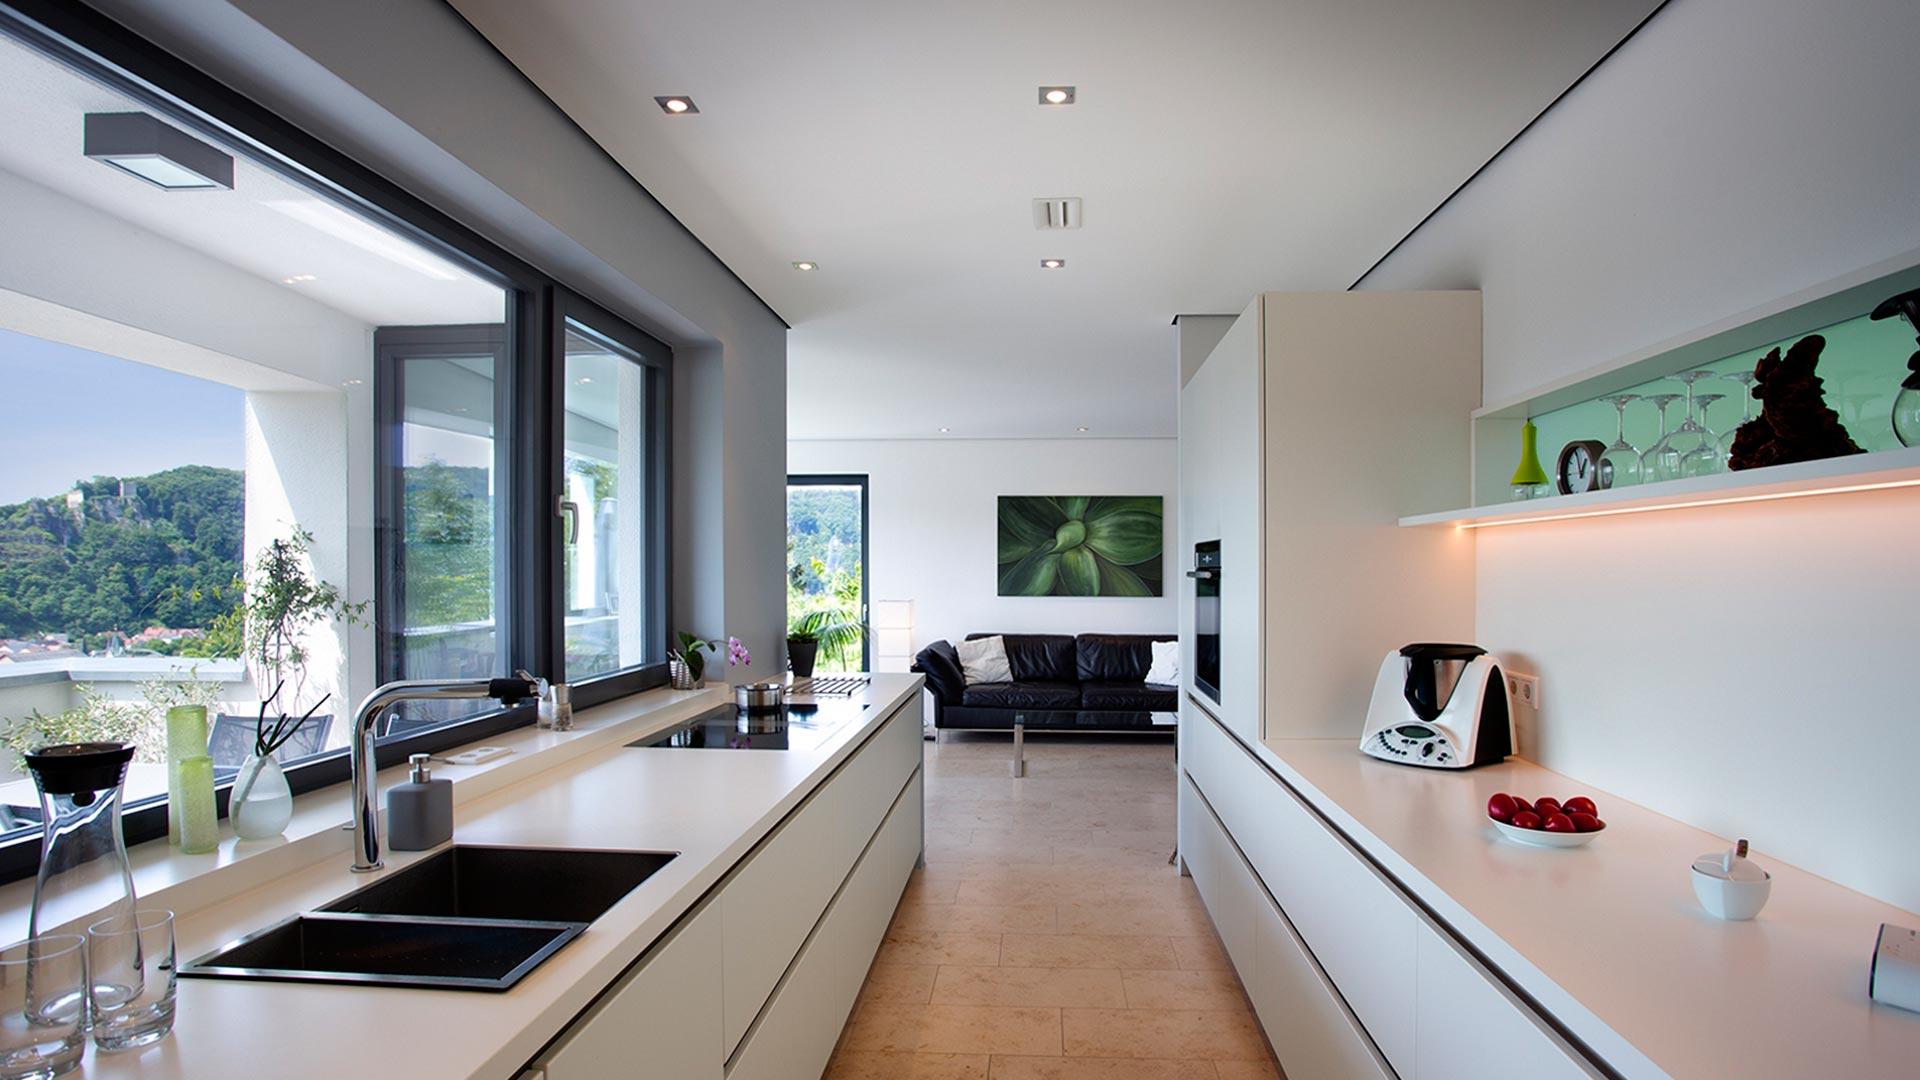 fenster balkon schiebet ren frech fenster glaserei. Black Bedroom Furniture Sets. Home Design Ideas